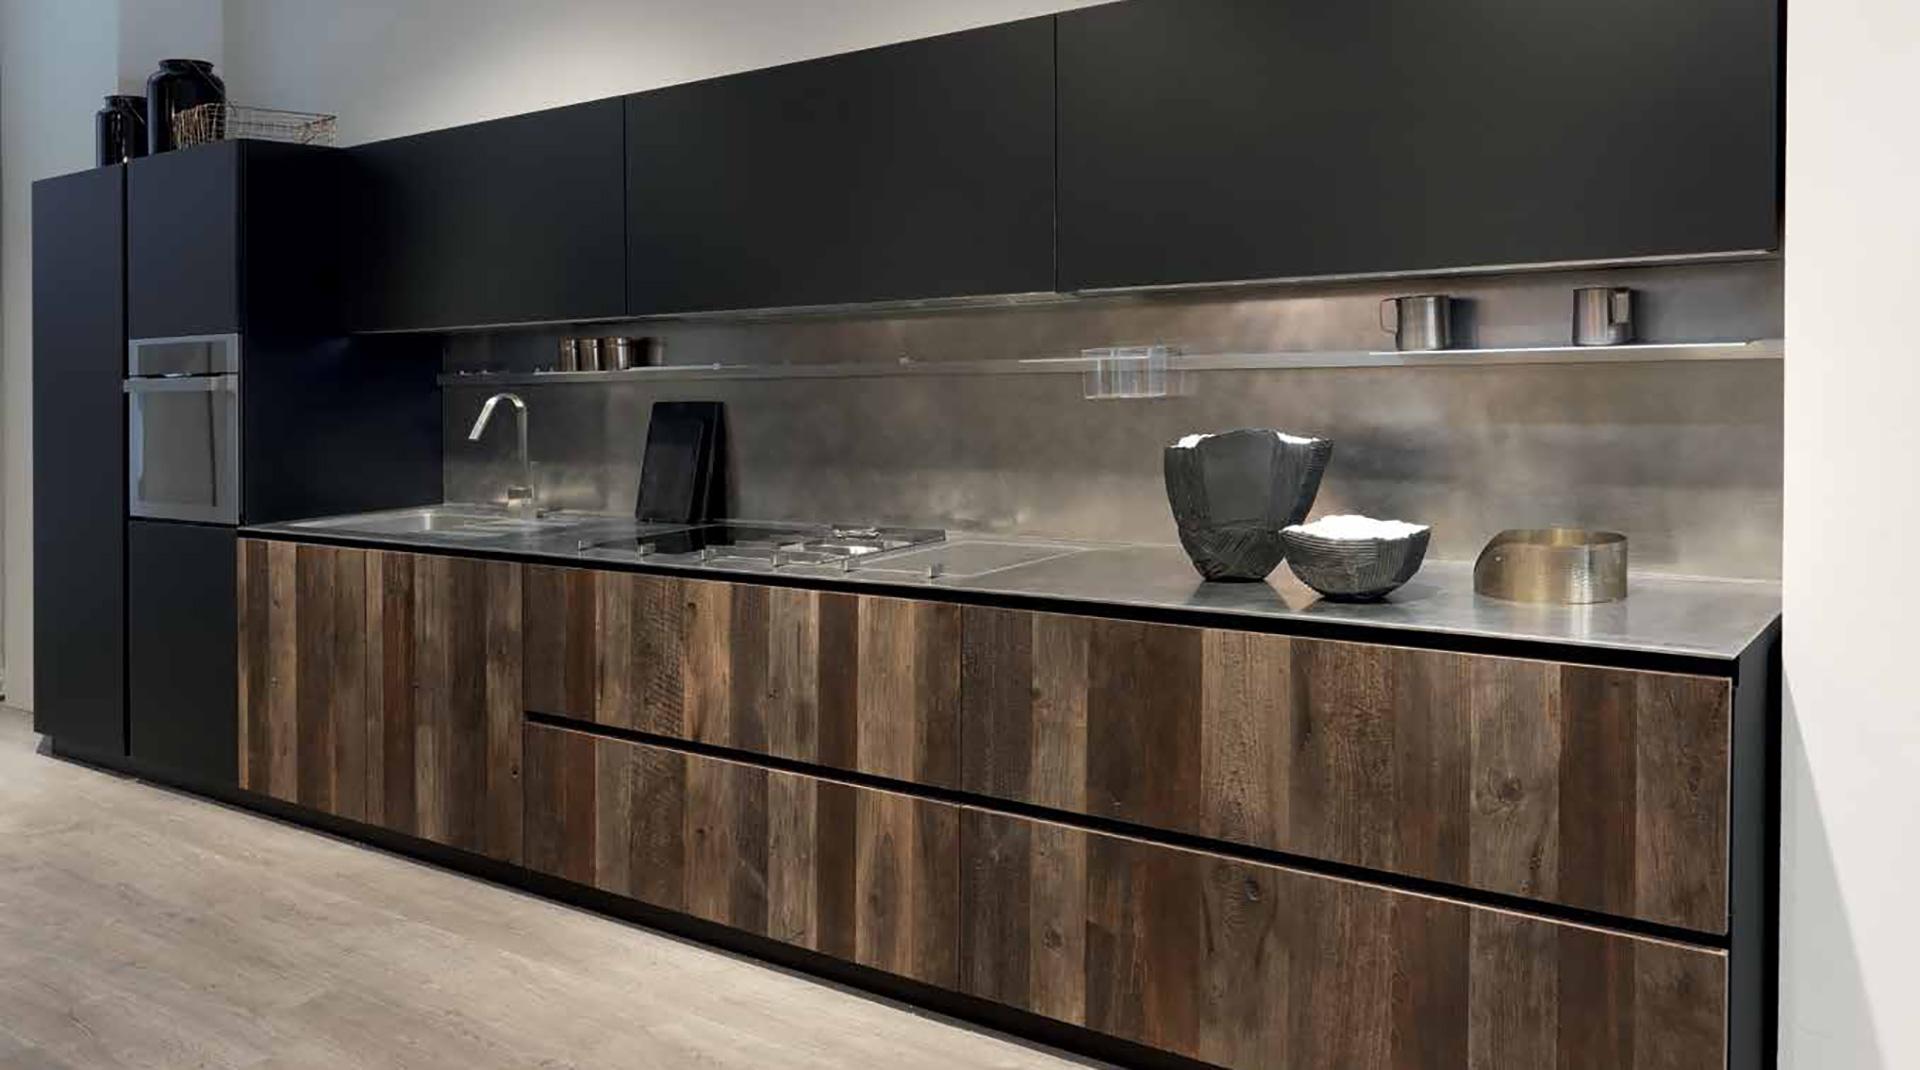 La cucina Composit lineare senza maniglie